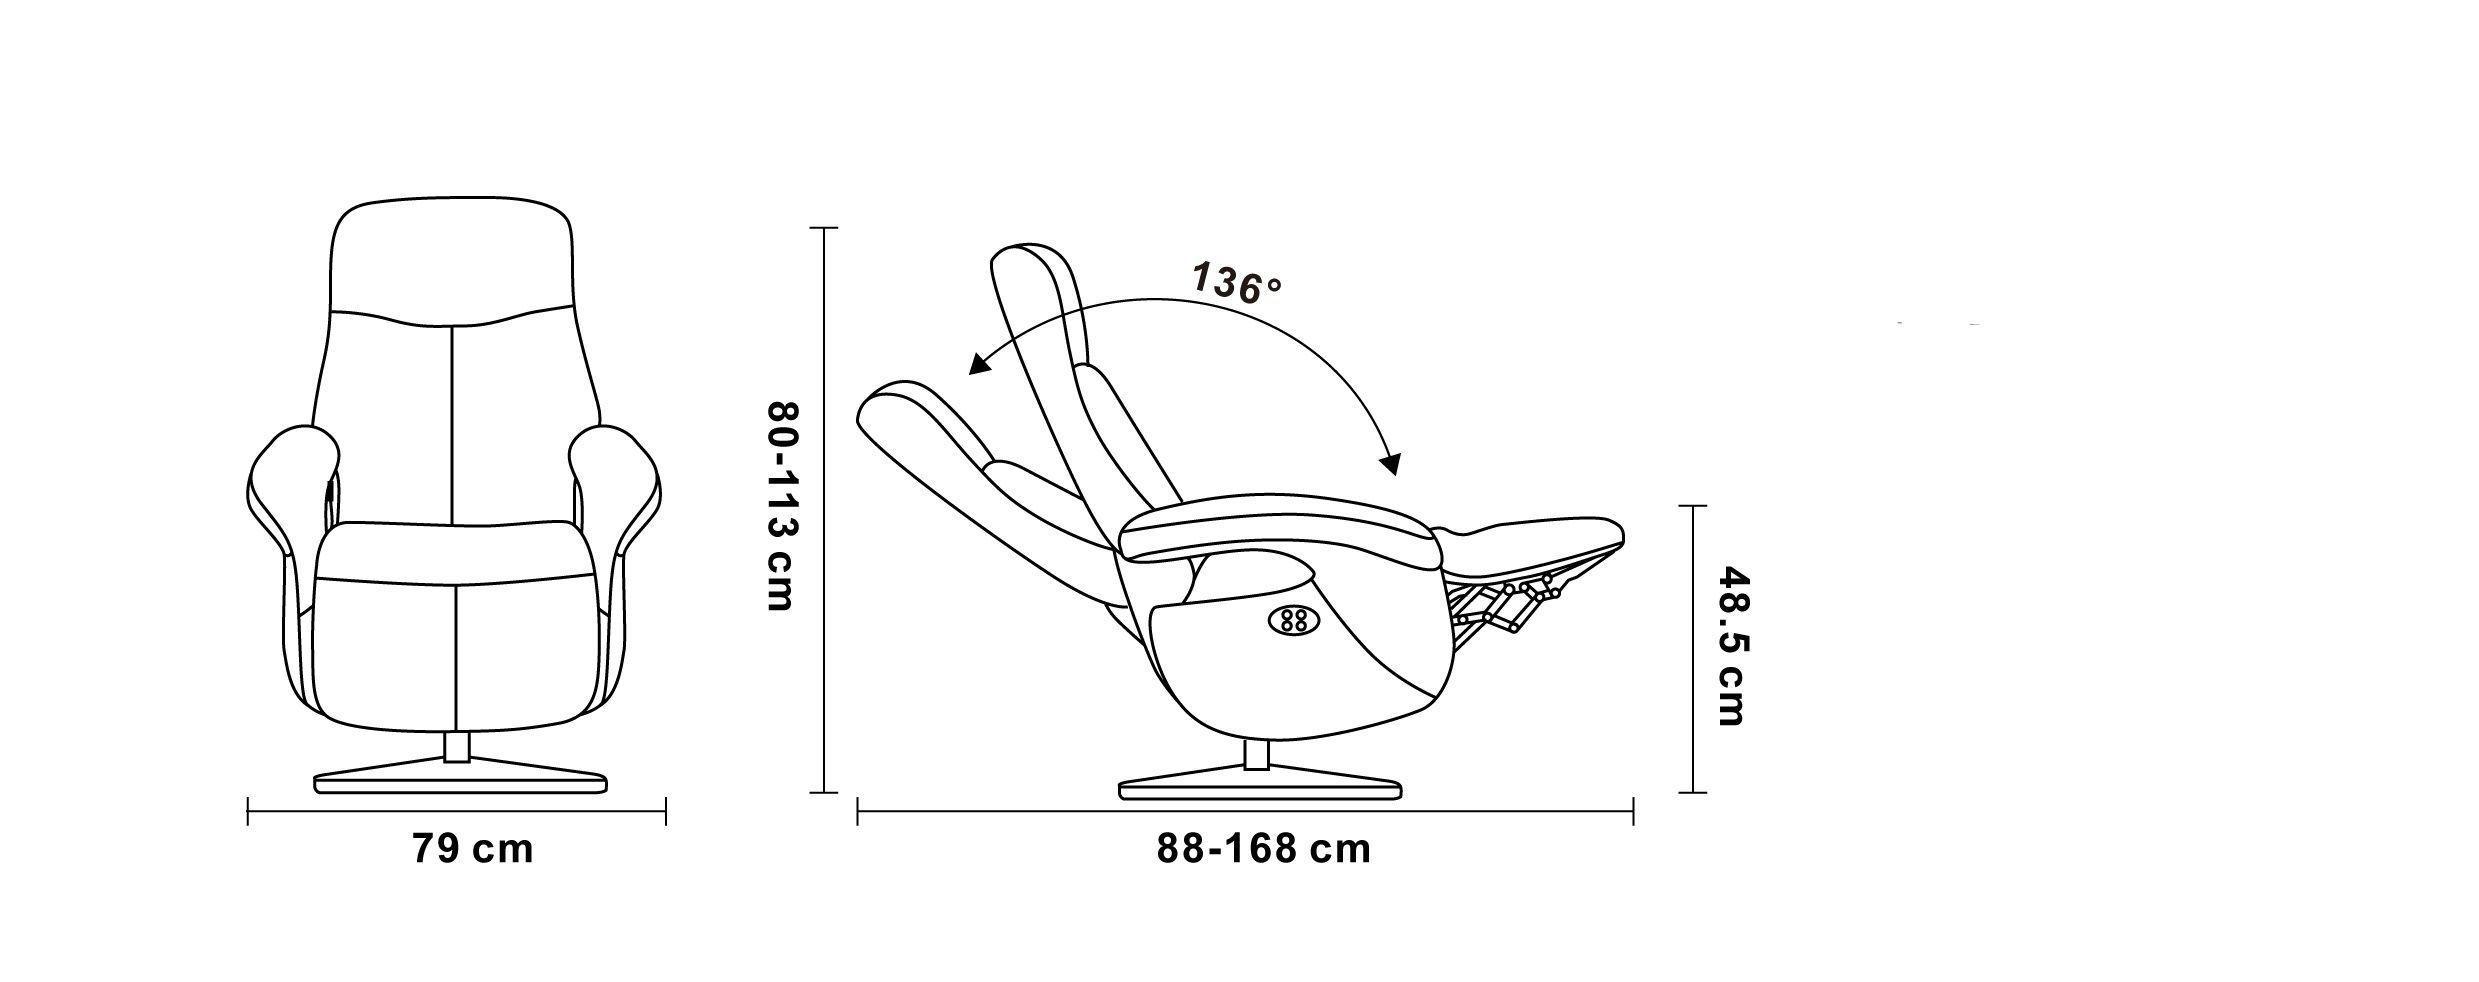 Fauteuil de Relaxation Electrique - Cuir et Microstar - TOLMA